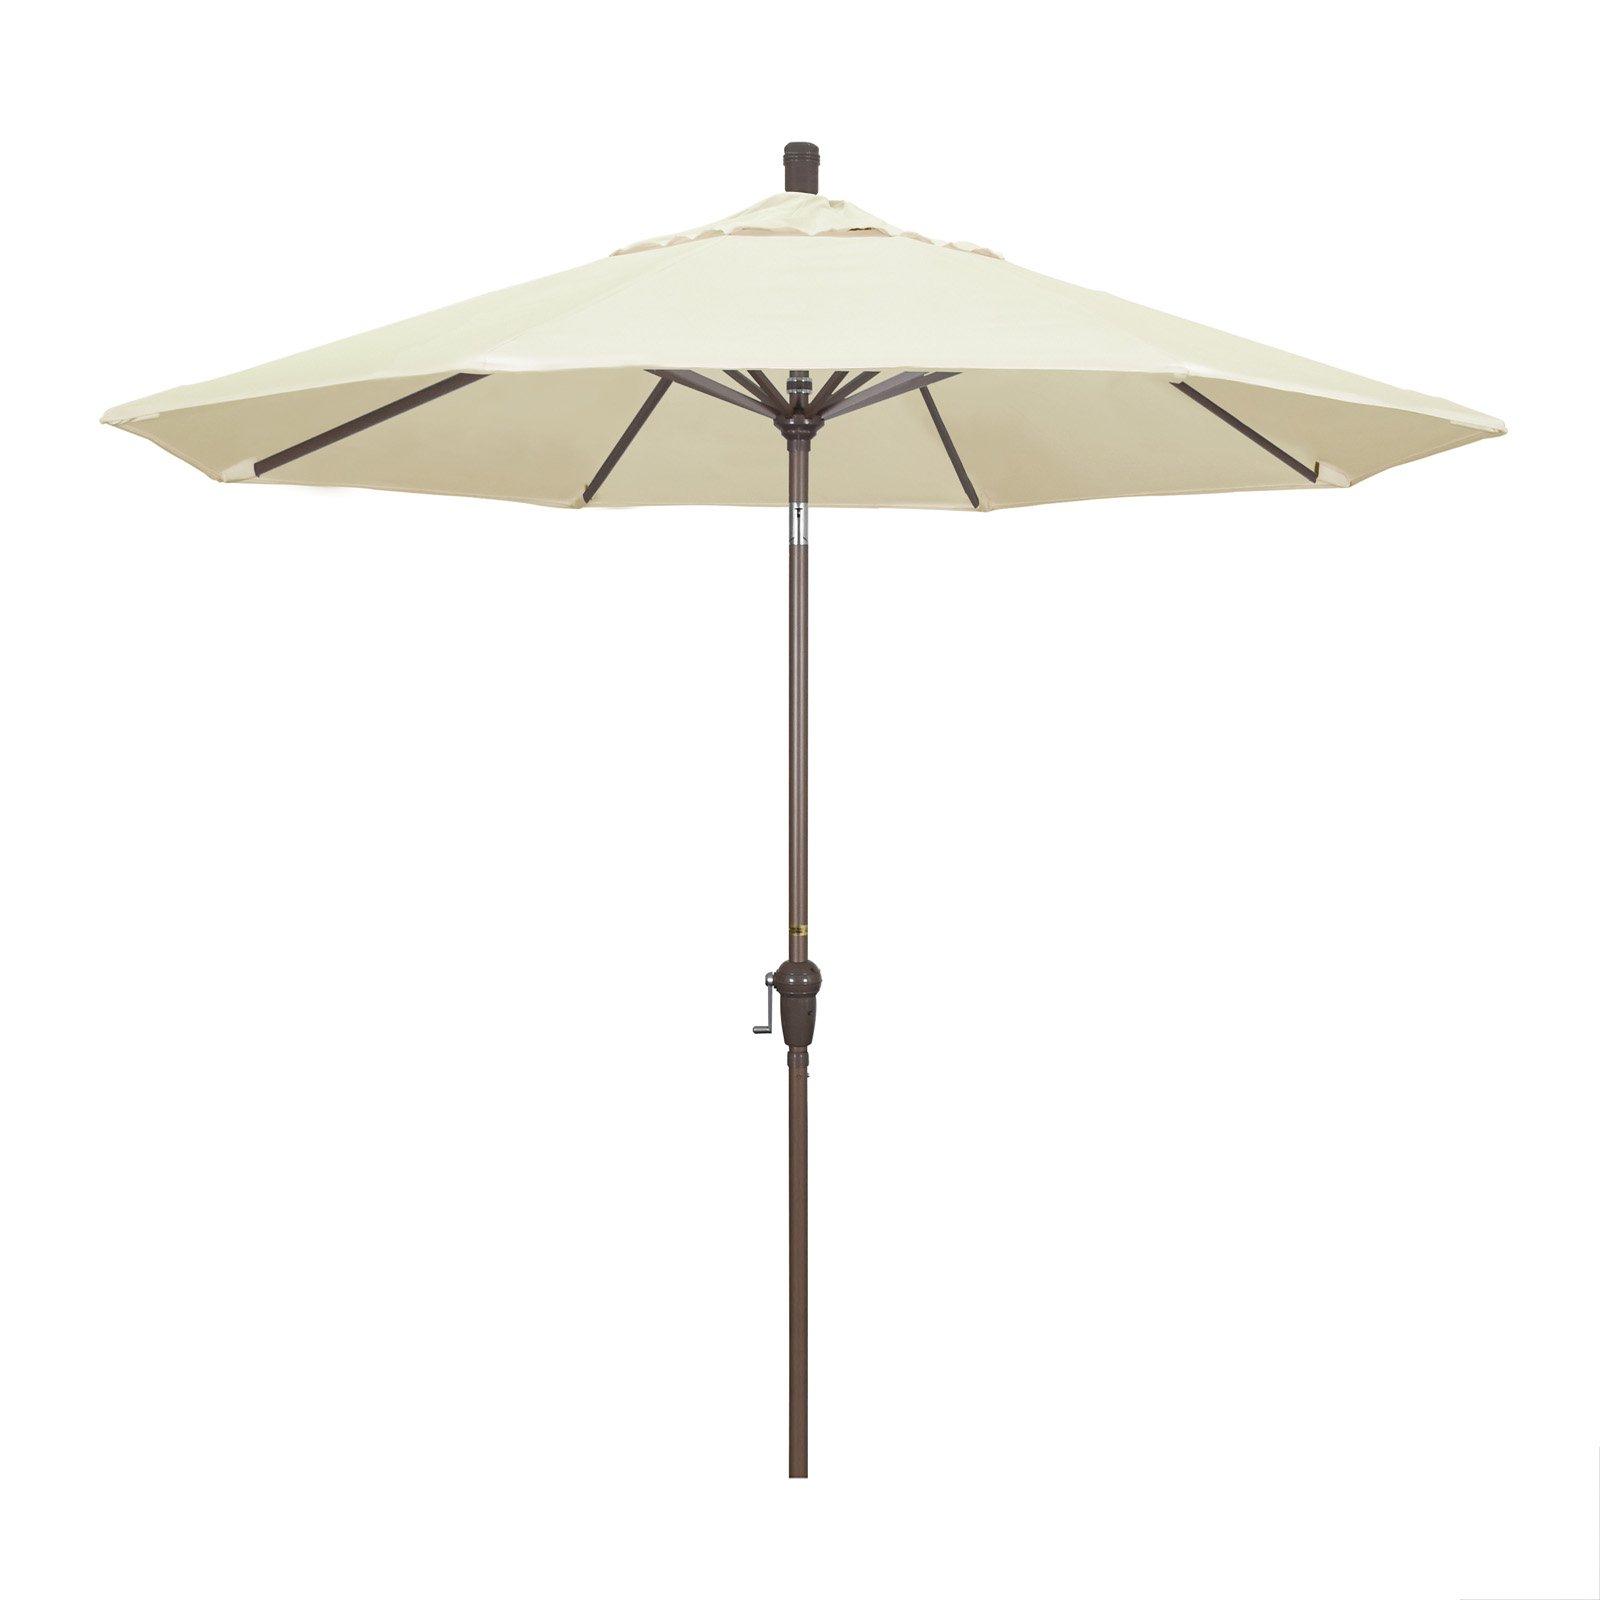 Mullaney Market Umbrellas Pertaining To 2019 California Umbrella 9 Ft (View 9 of 20)